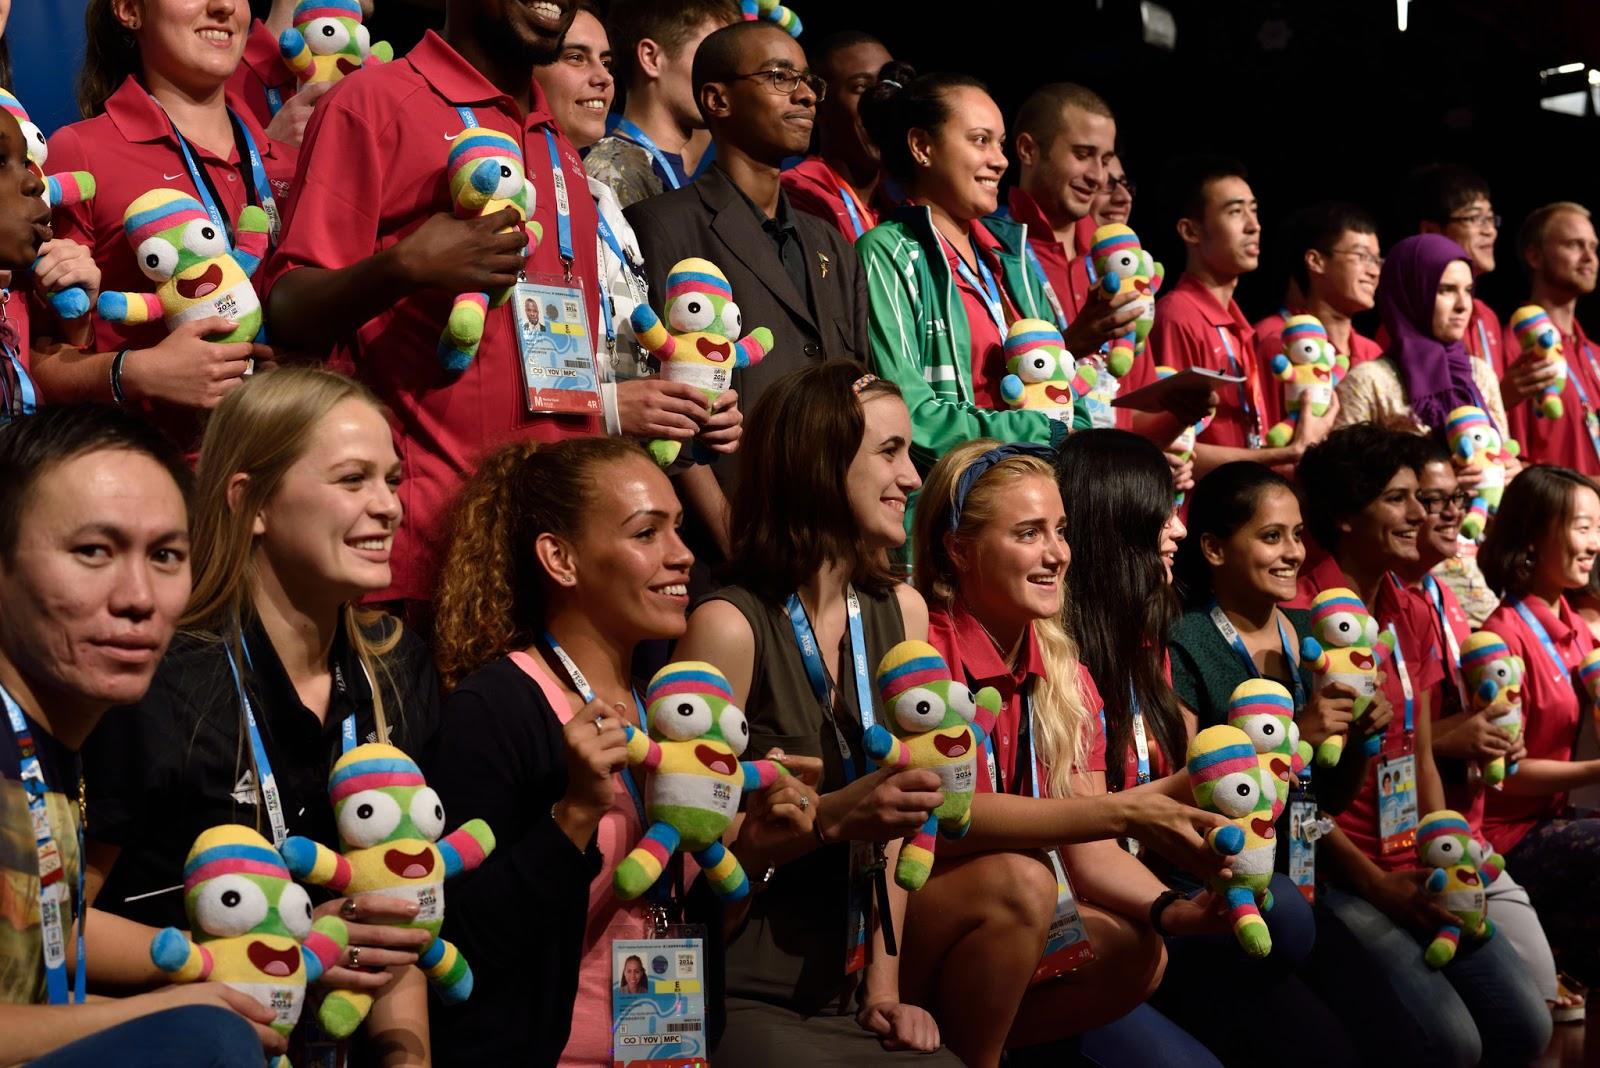 السفير سعيد يتوسط ممثلي الشباب لدى اللجنة الدولية الأولمبية